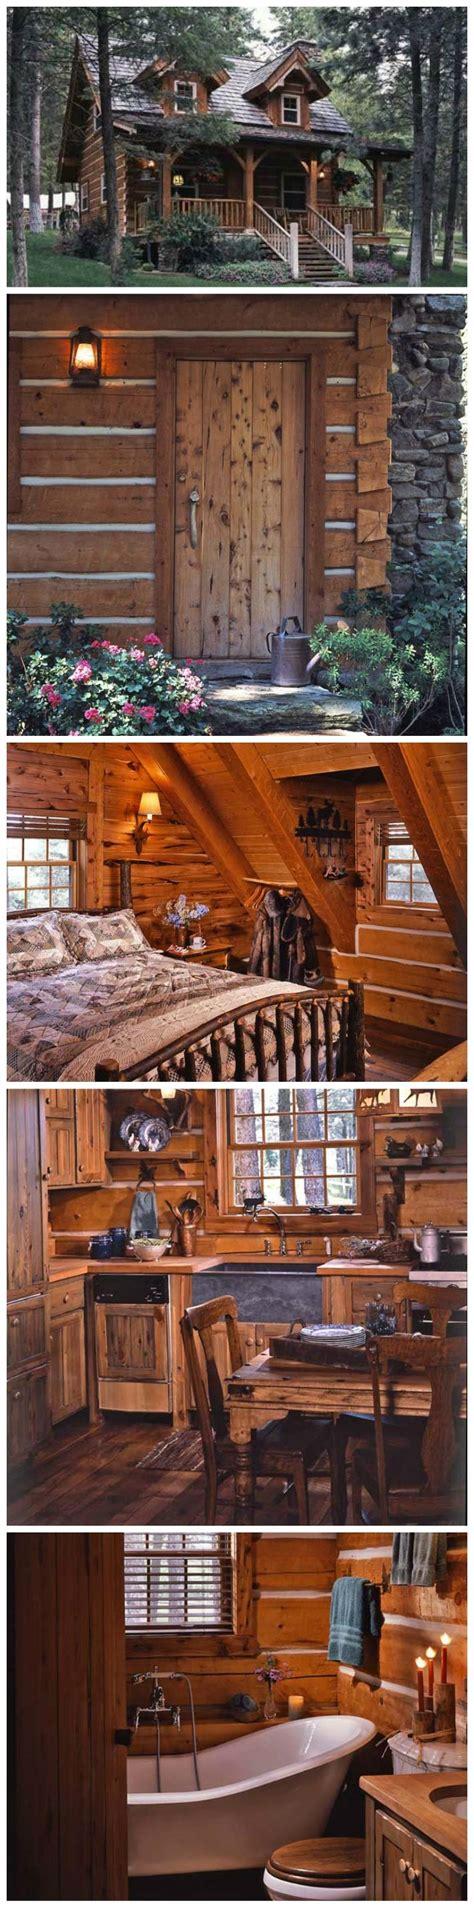 Jack Hanna's Log Cabin | Log homes, Cabins and cottages ...